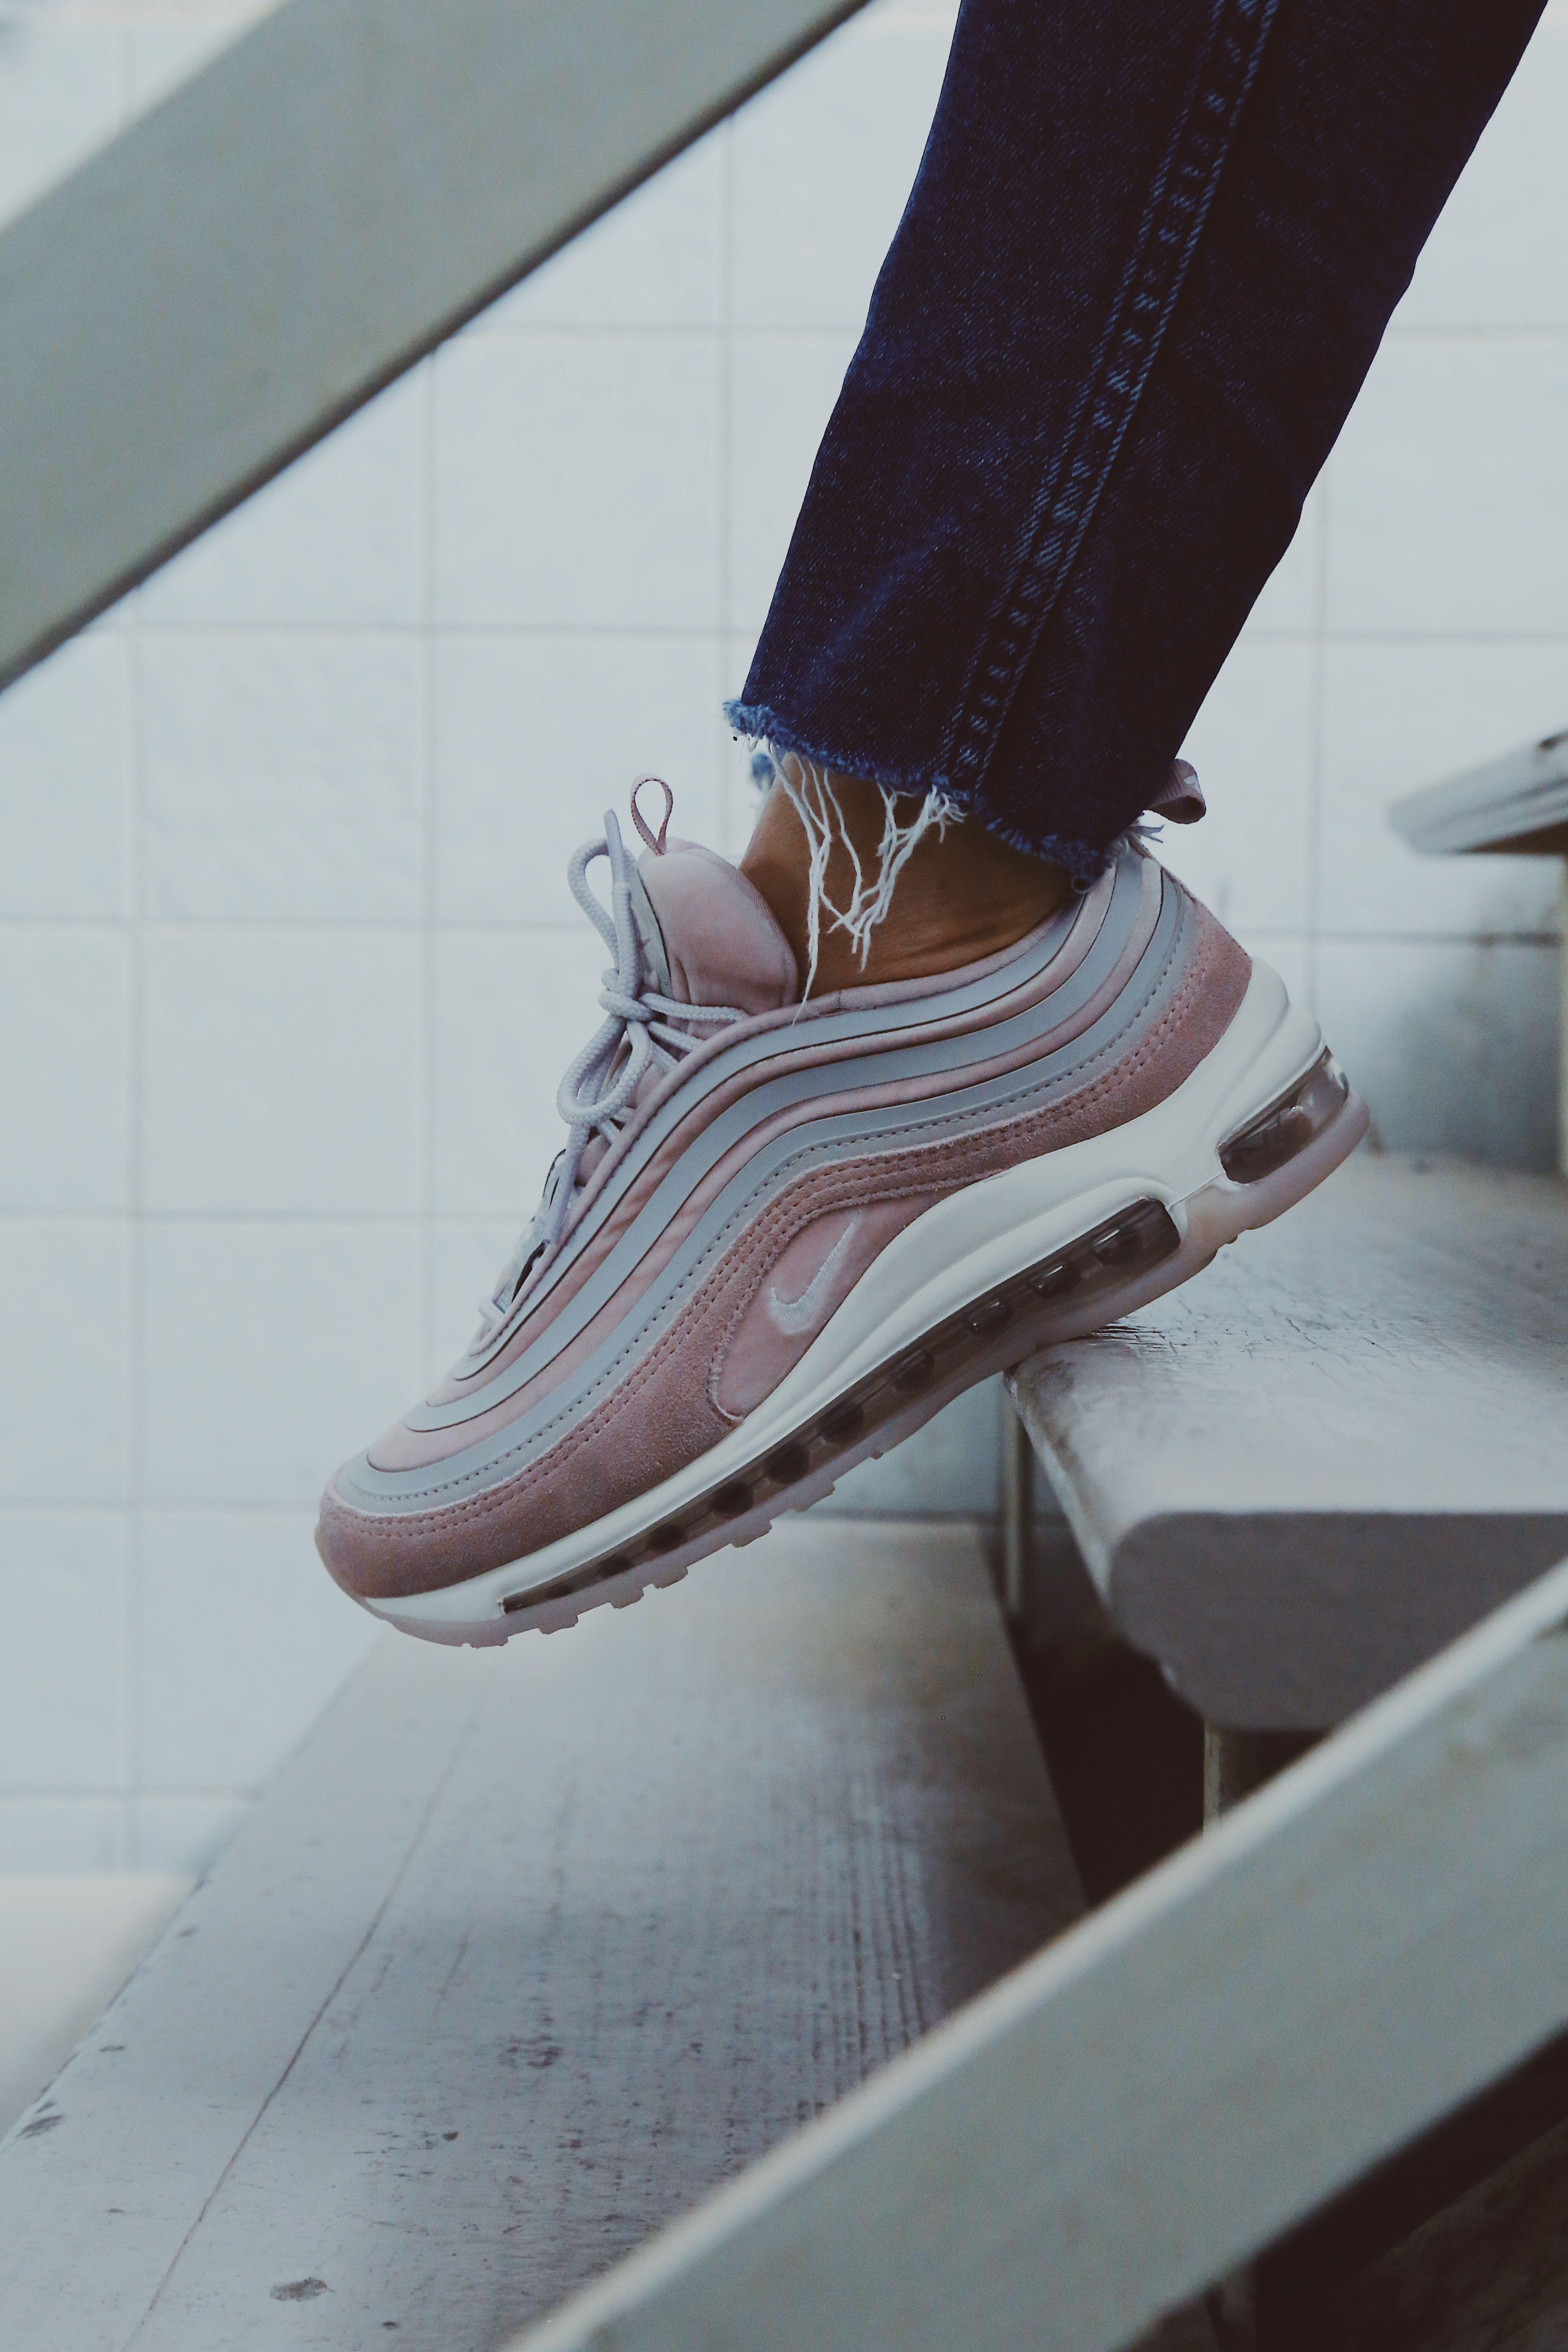 b0a96ed7a ... Zapatos Mayka. 💥💘THIS IS LOVE💘💥 Encuentra estás preciosas Nike Air  Max 97 en nuestras